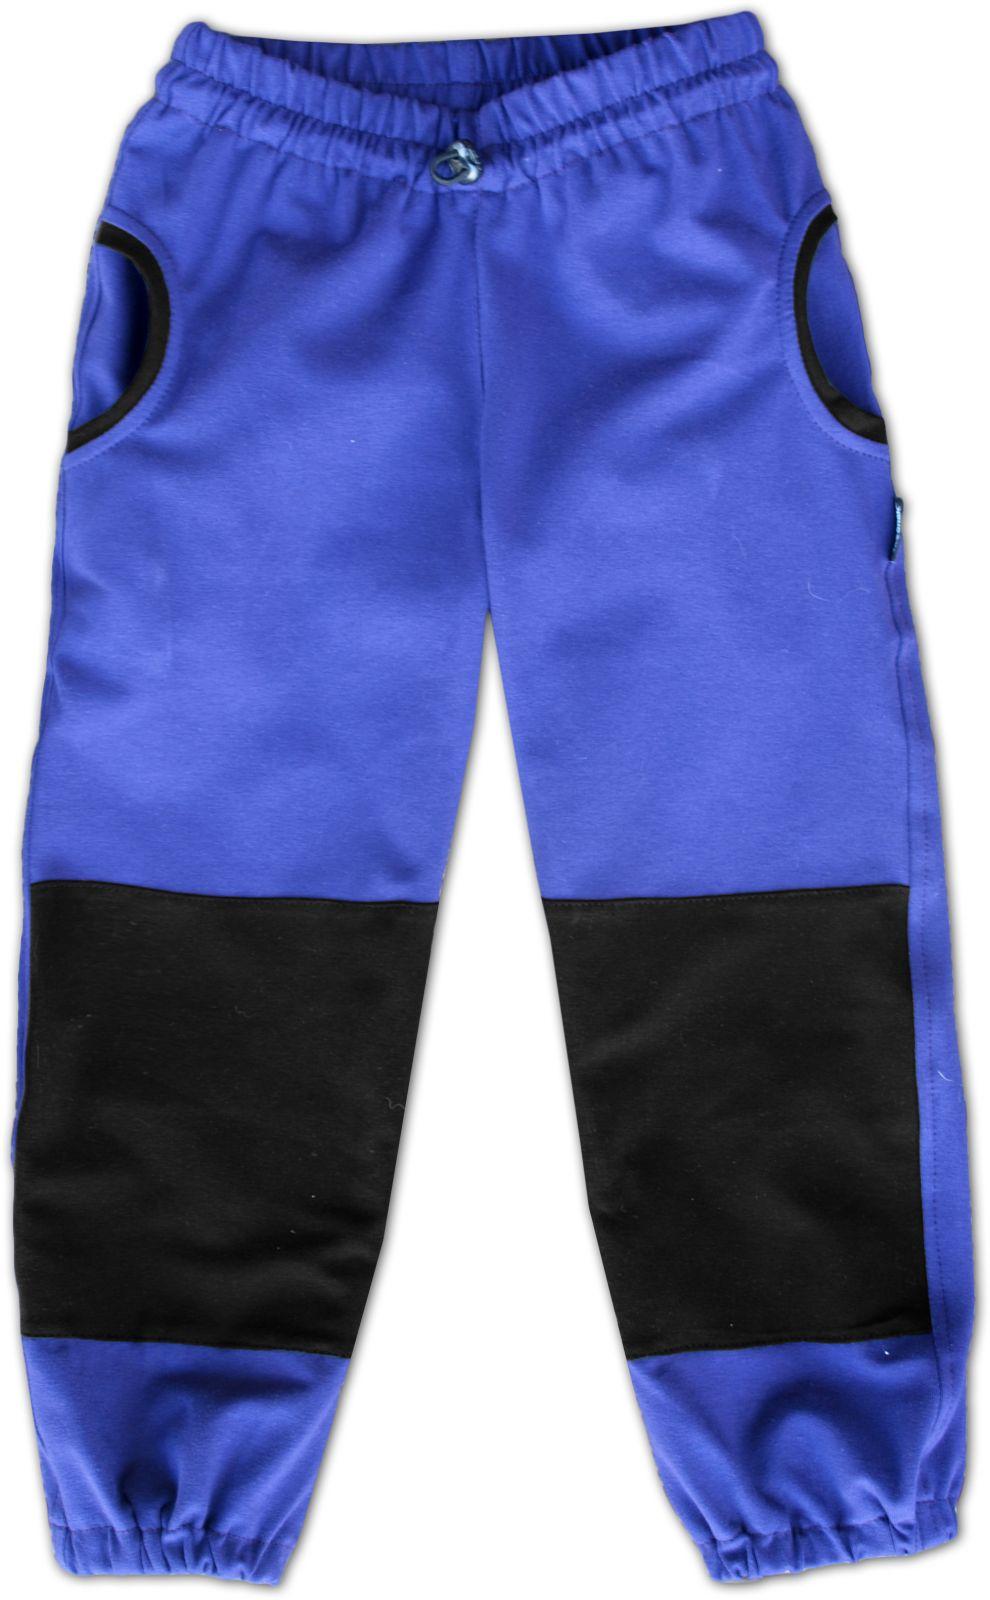 Trainingshose für Kinder, violett/schwarz